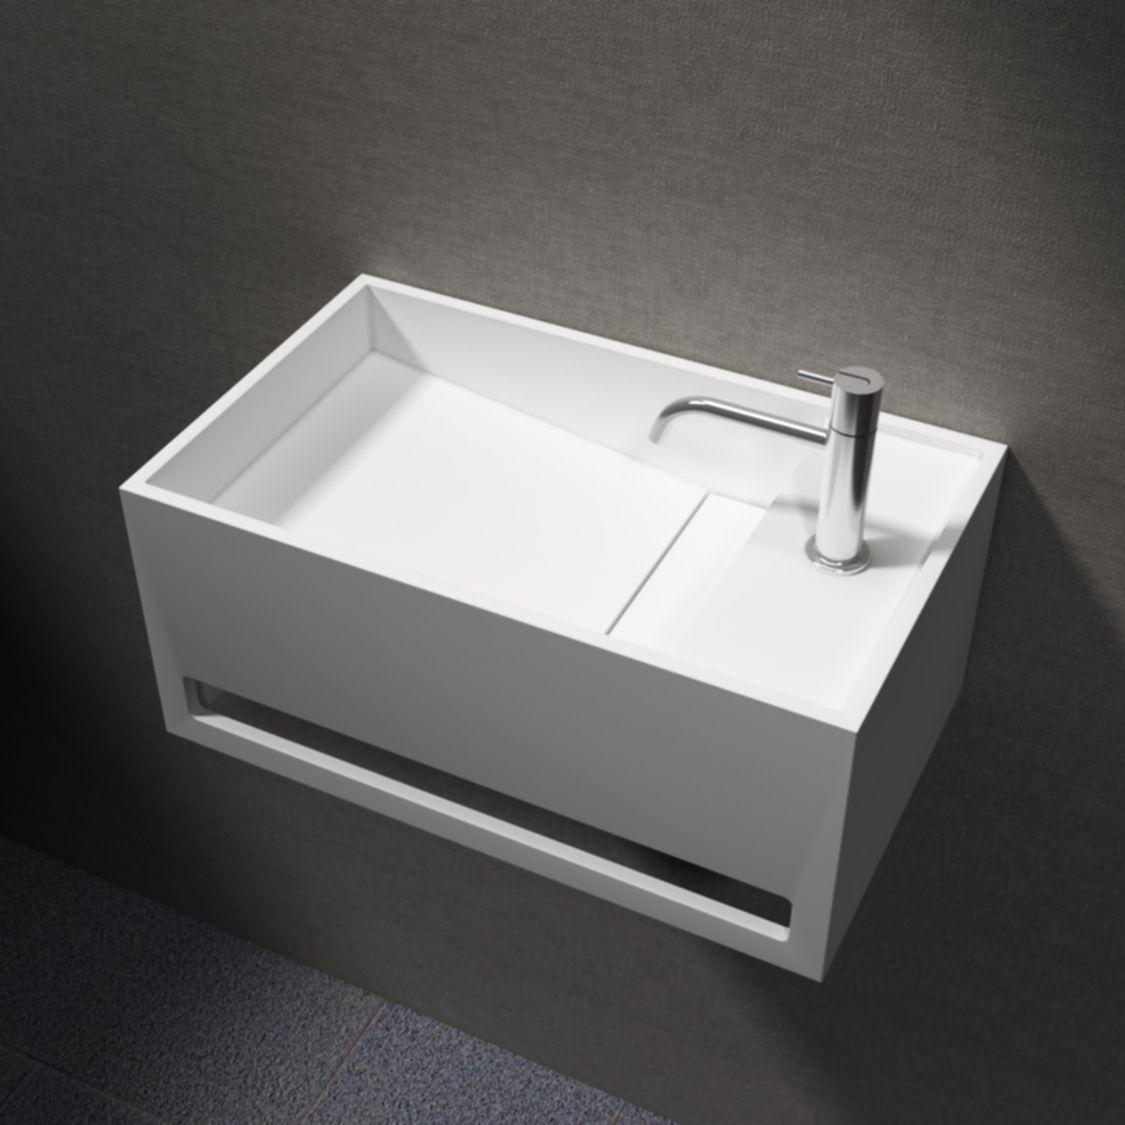 waschbecken wandwaschbecken pb2078 mit integriertem. Black Bedroom Furniture Sets. Home Design Ideas